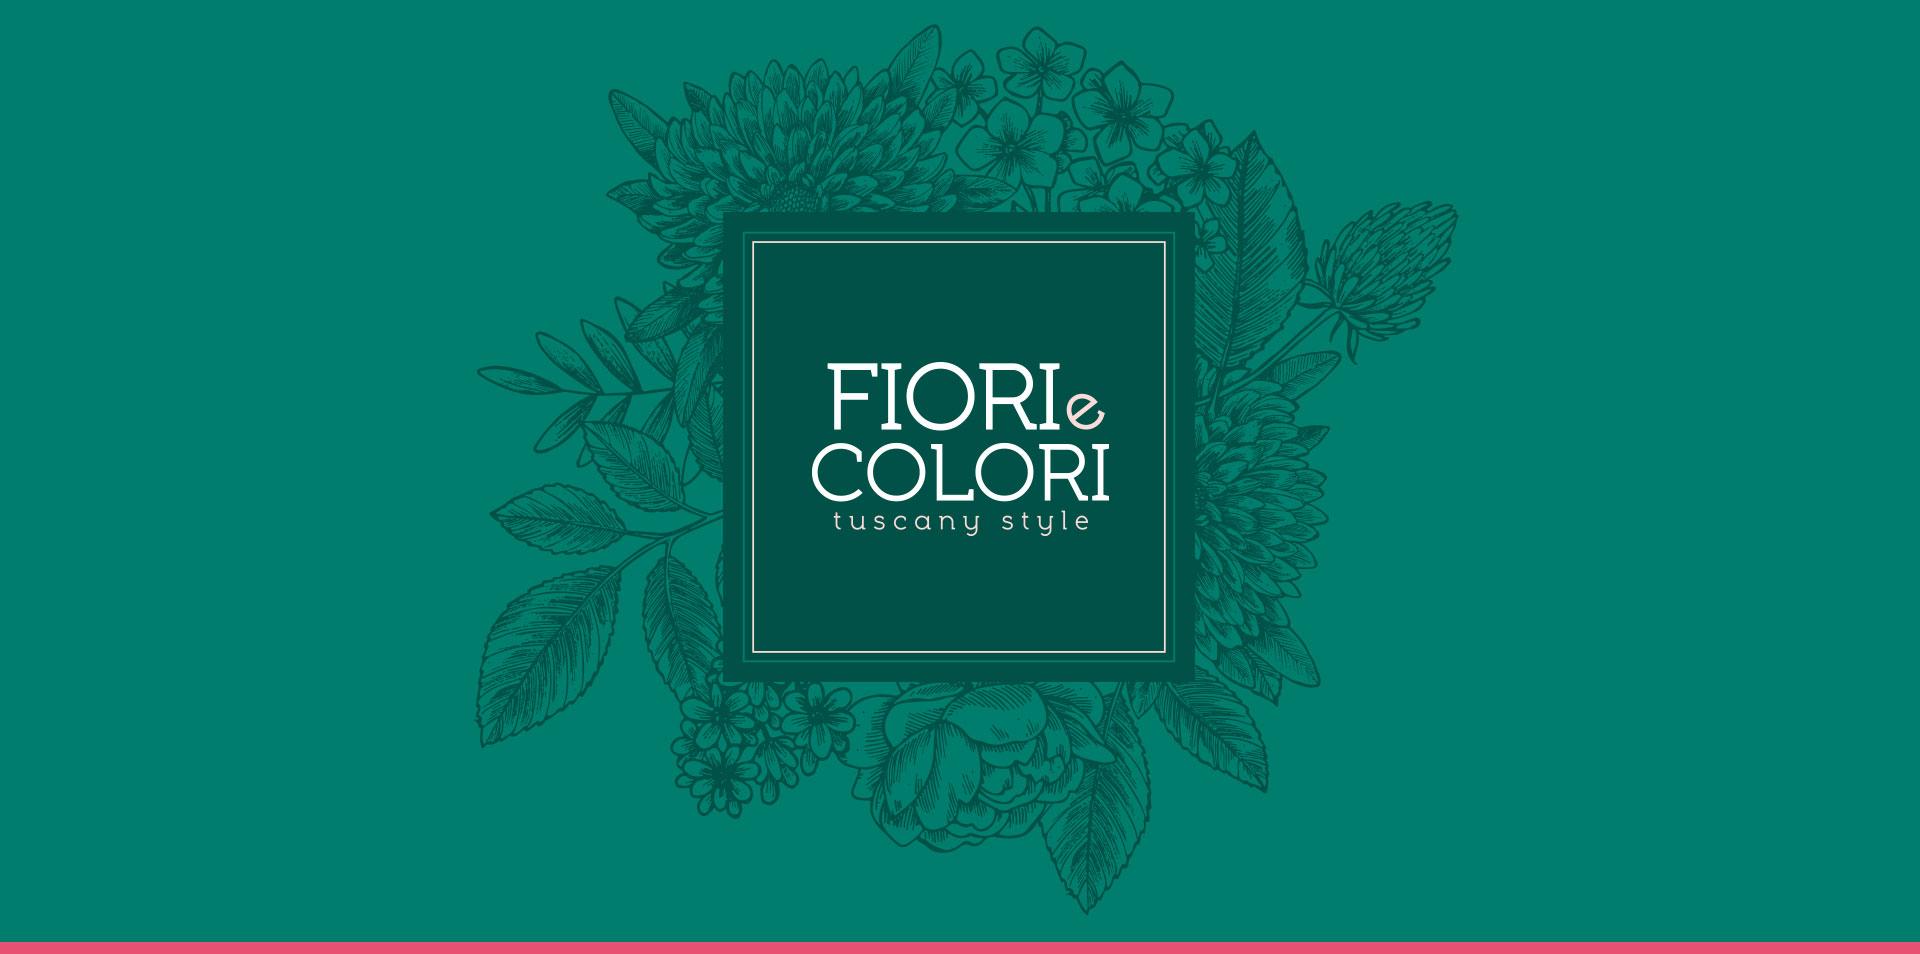 fiori-e-colori-logo